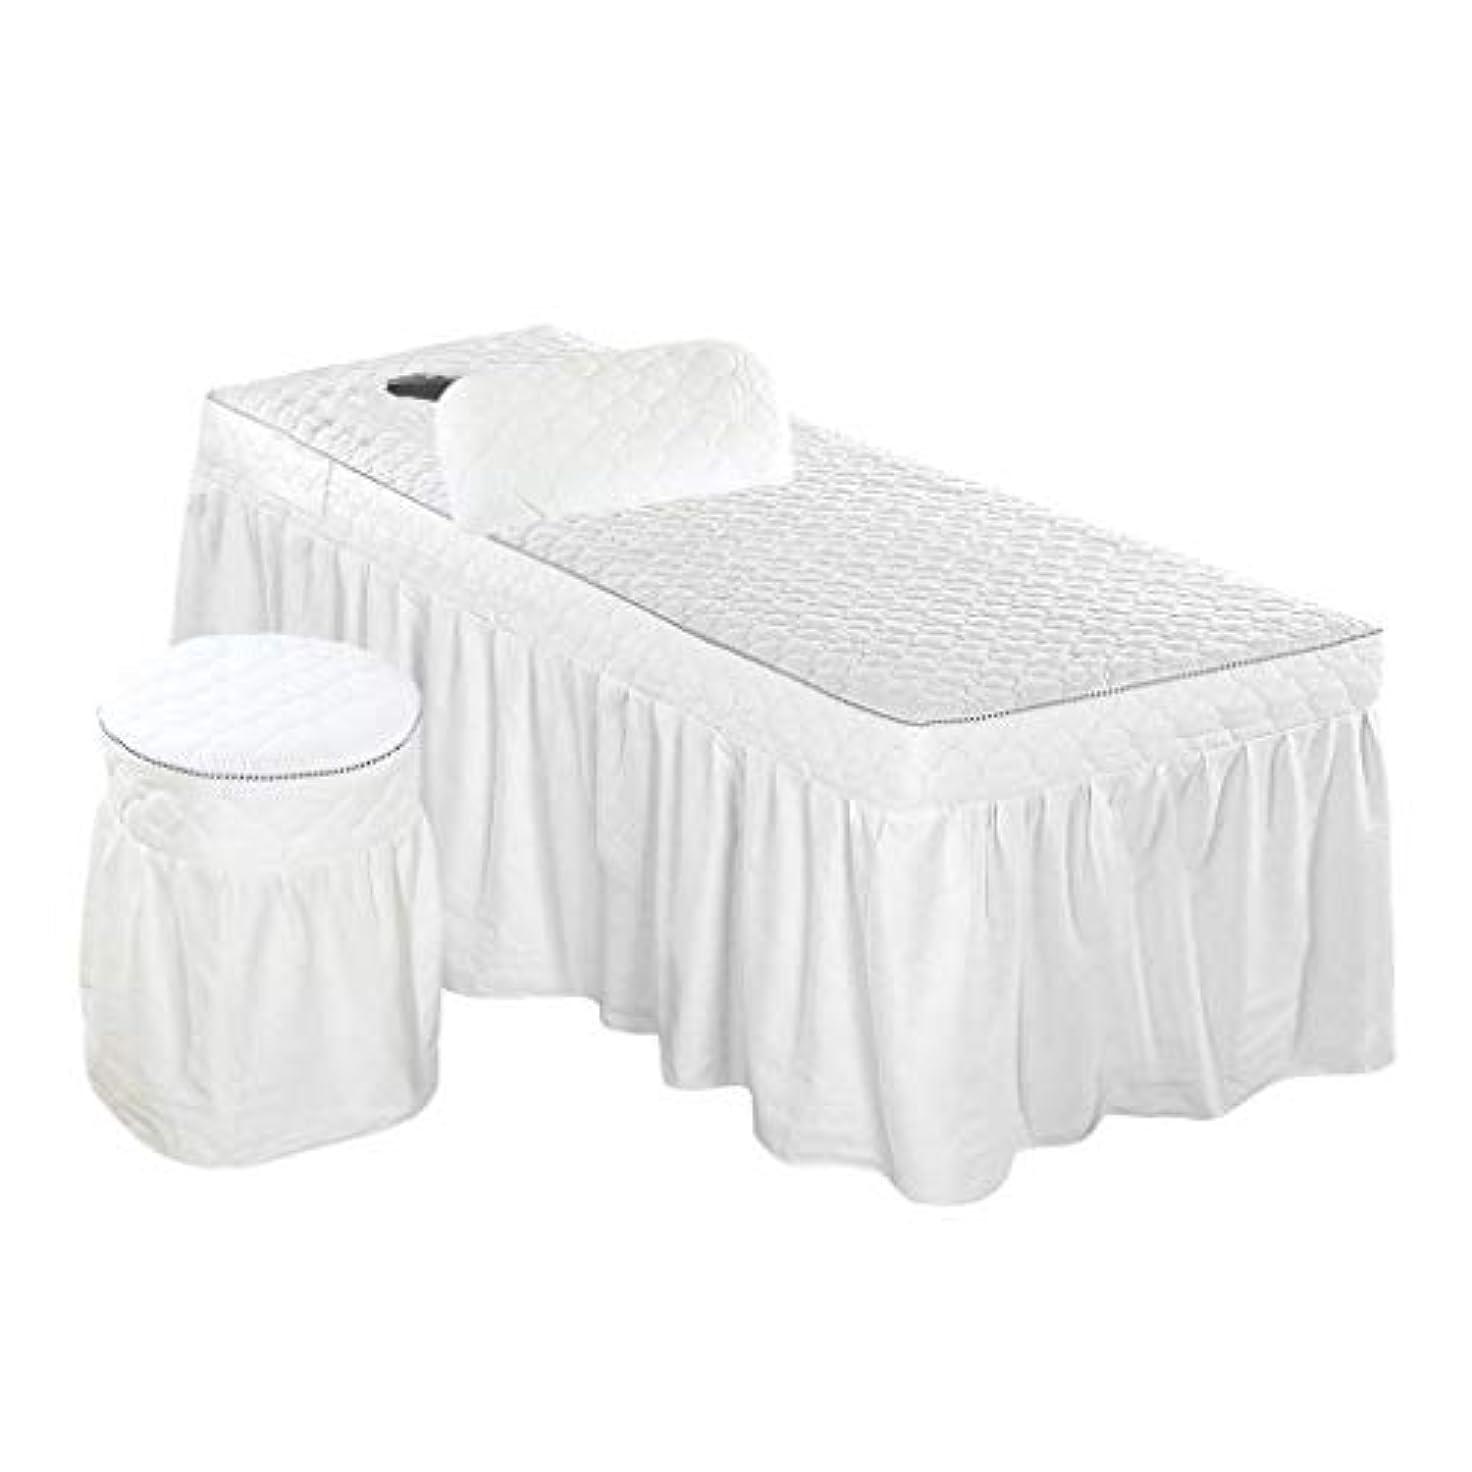 セッティング打ち負かす権利を与えるエステベッドカバー 美容ベッドカバー 有孔 スツールカバー ピローケース付き - ホワイト